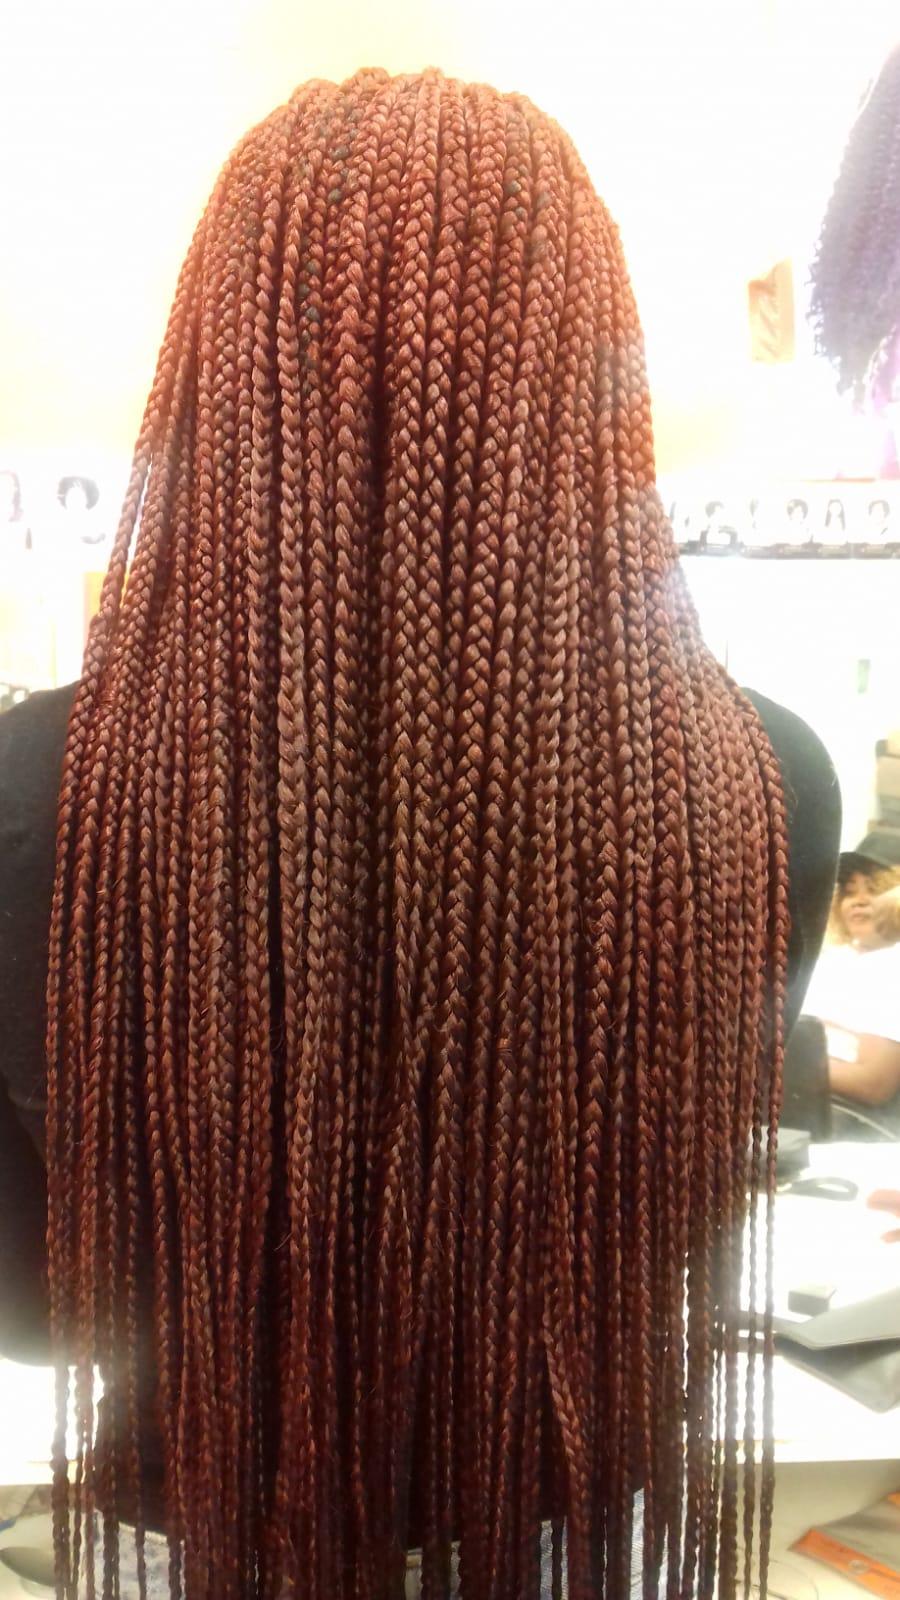 salon de coiffure afro tresse tresses box braids crochet braids vanilles tissages paris 75 77 78 91 92 93 94 95 FABLJZYK